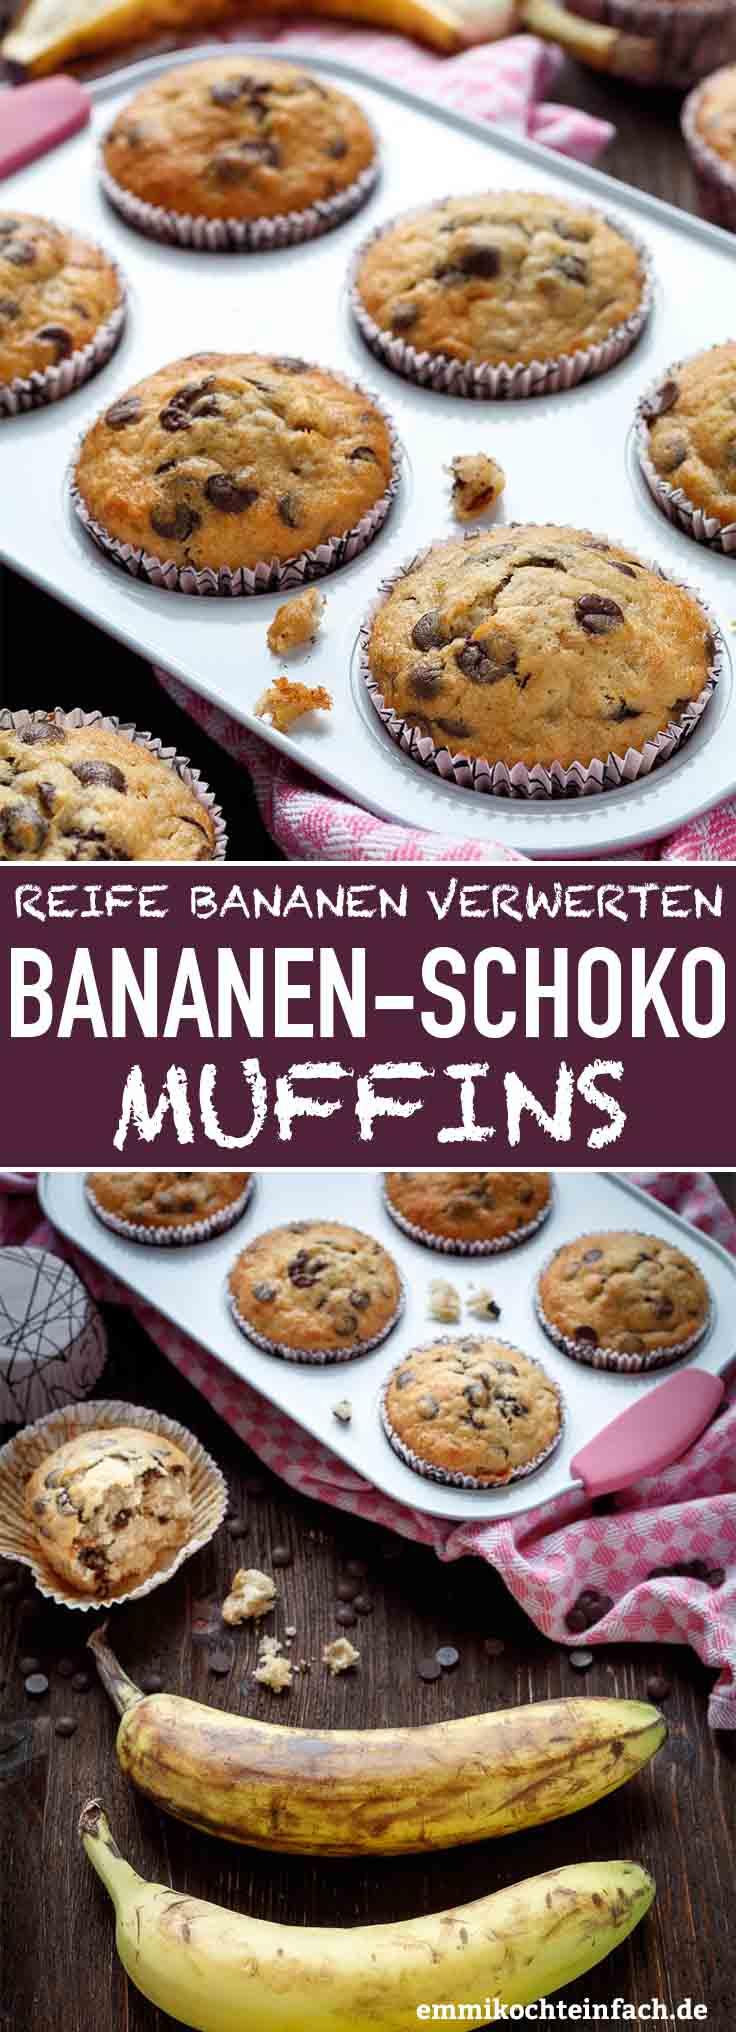 Einfache Bananen-Schoko Muffins - www.emmikochteinfach.de